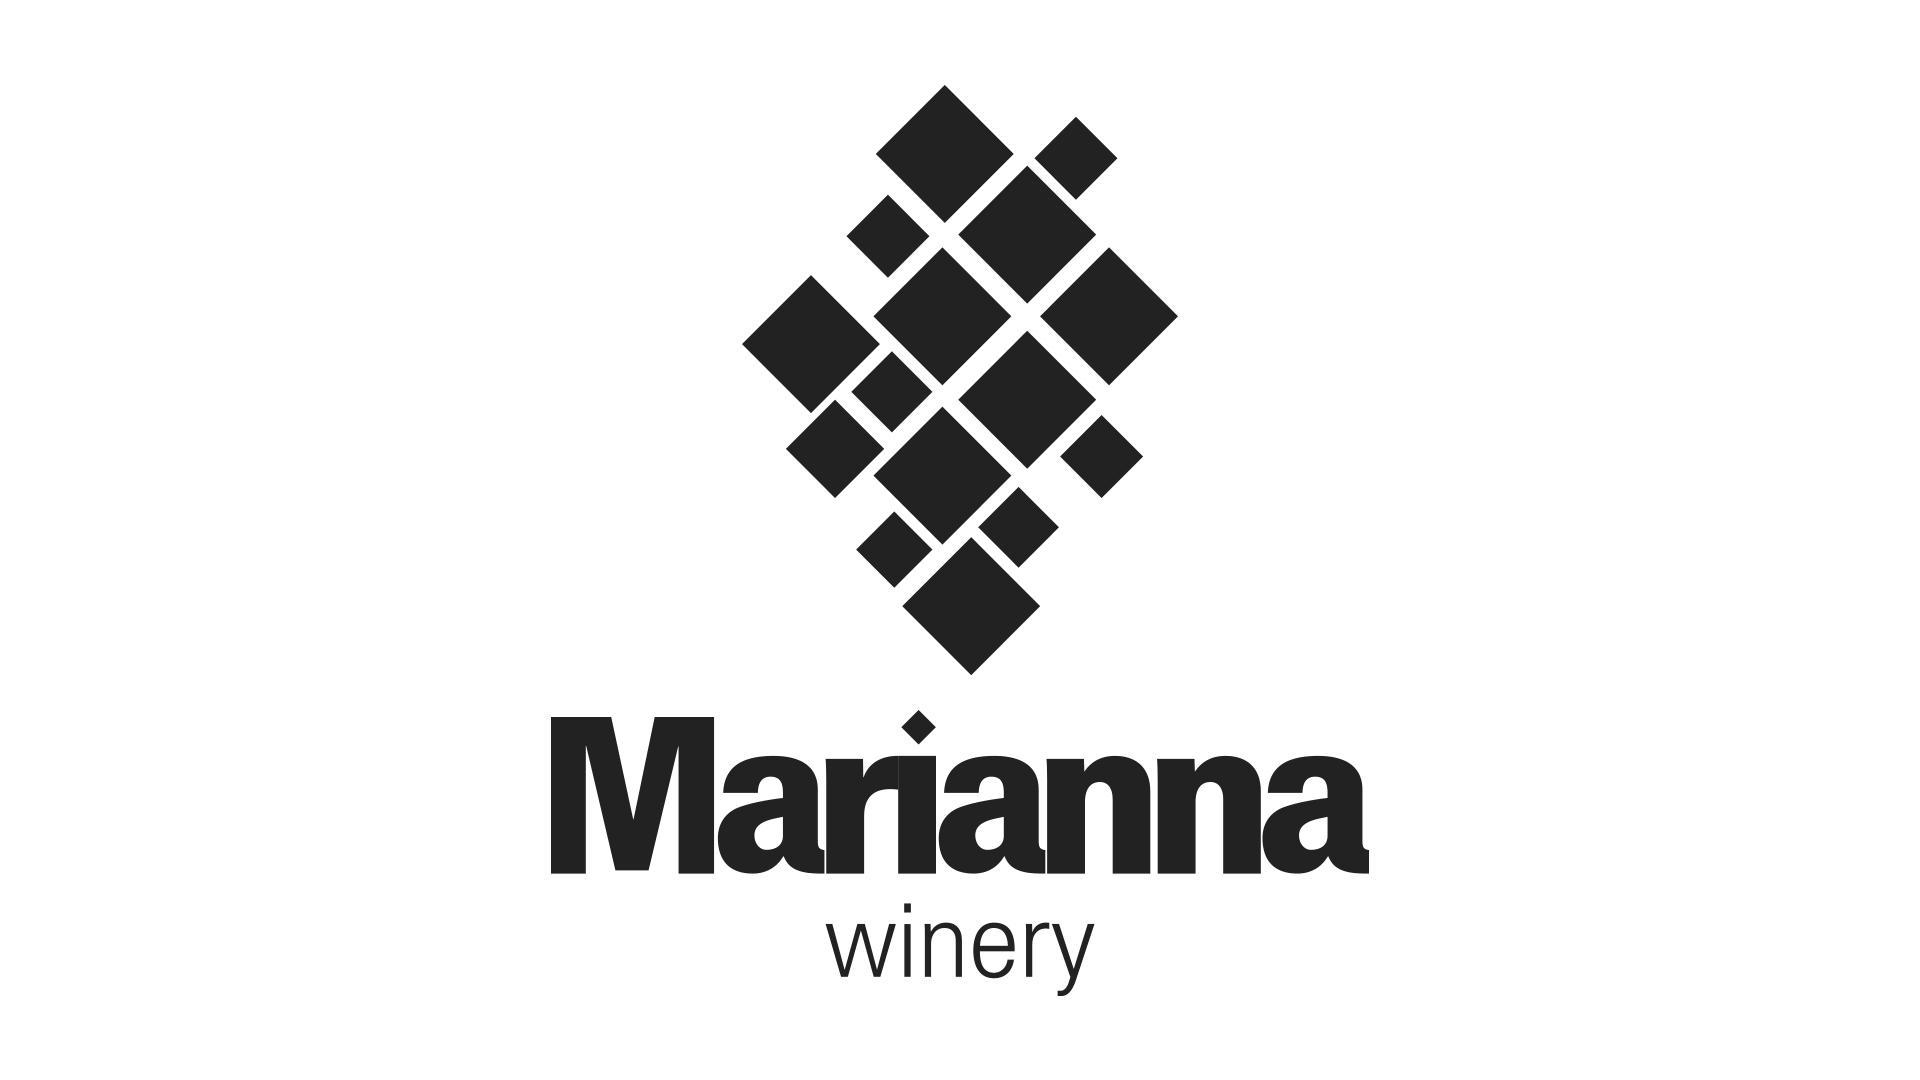 Marianna_logo